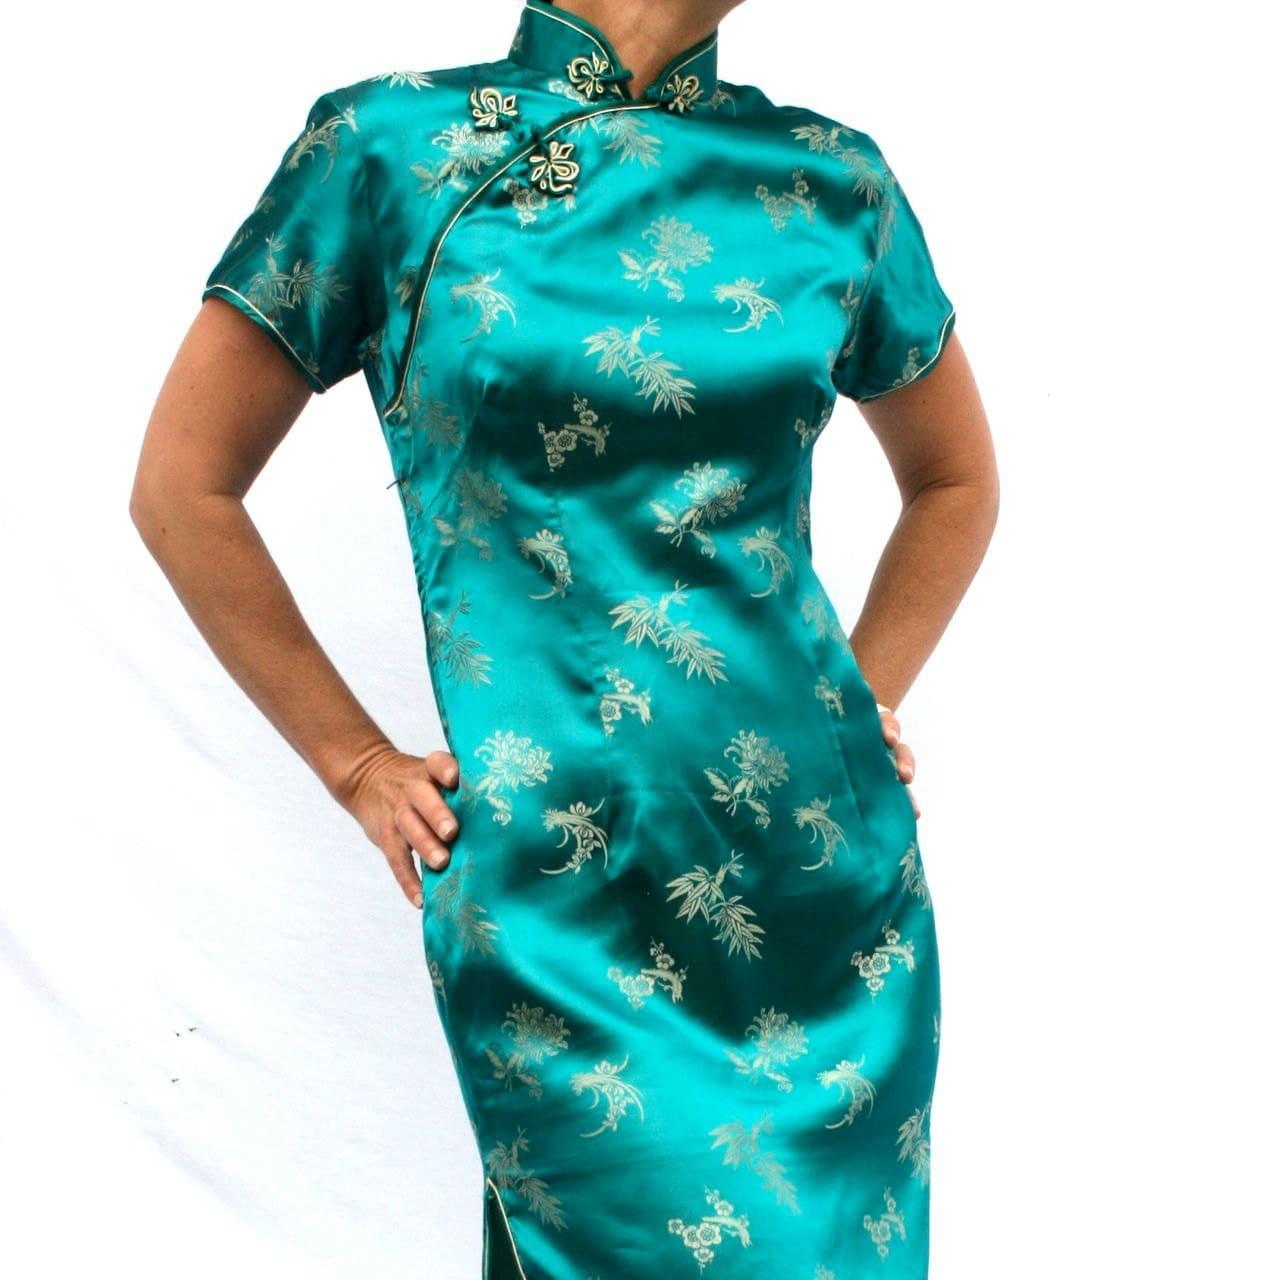 Cheongsam Dress Suzie Wong Green Wiggle Dress Vintage